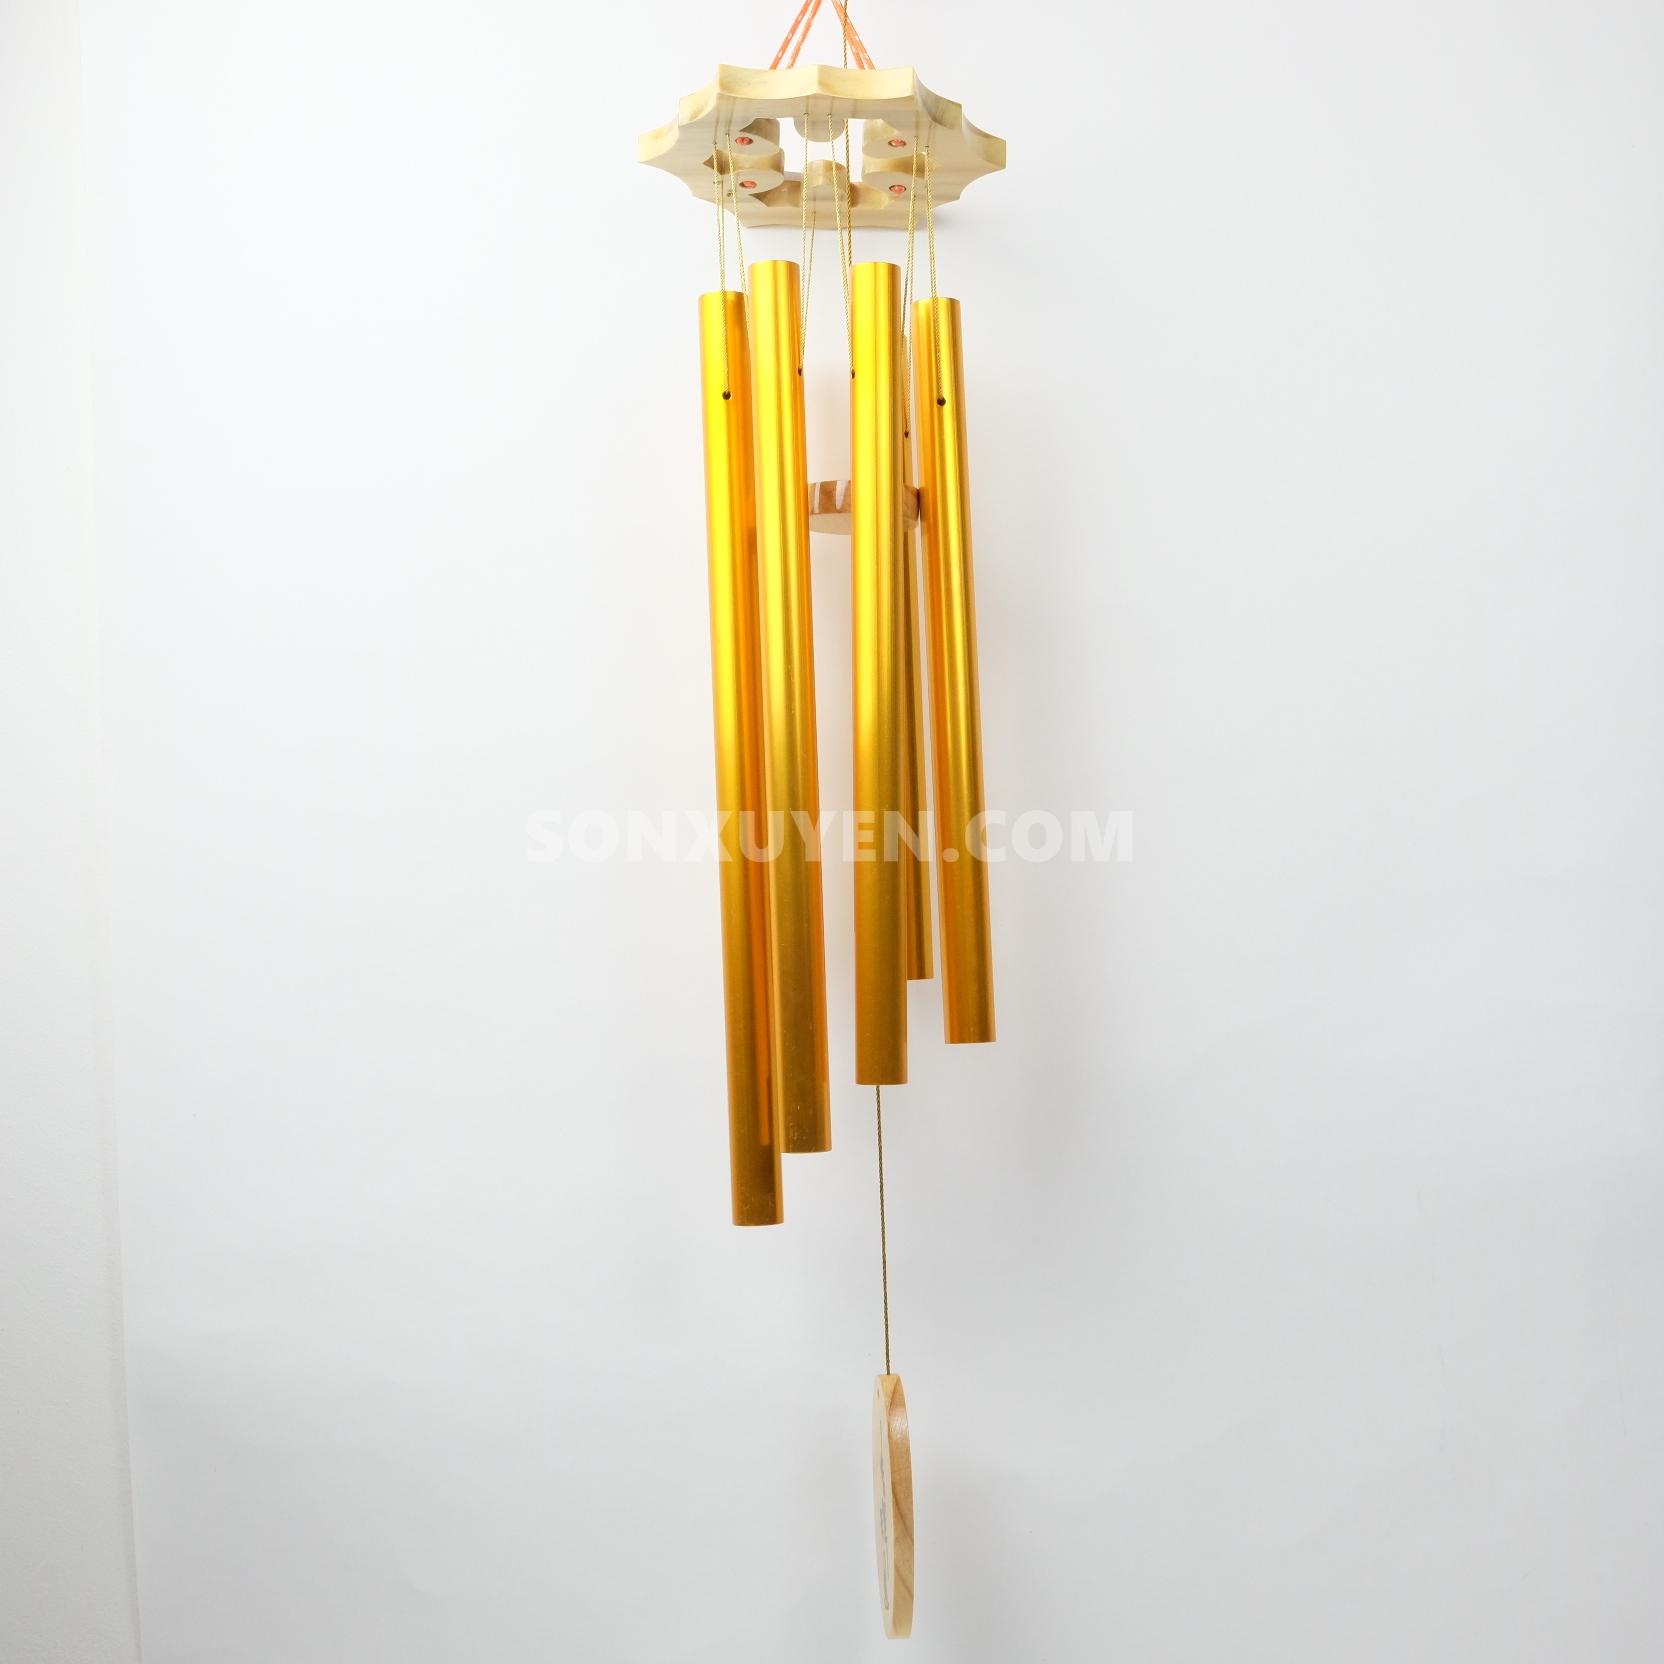 Chuông gió 6 thanh màu vàng ống dài 37 cm có đường kính ống 20 ly